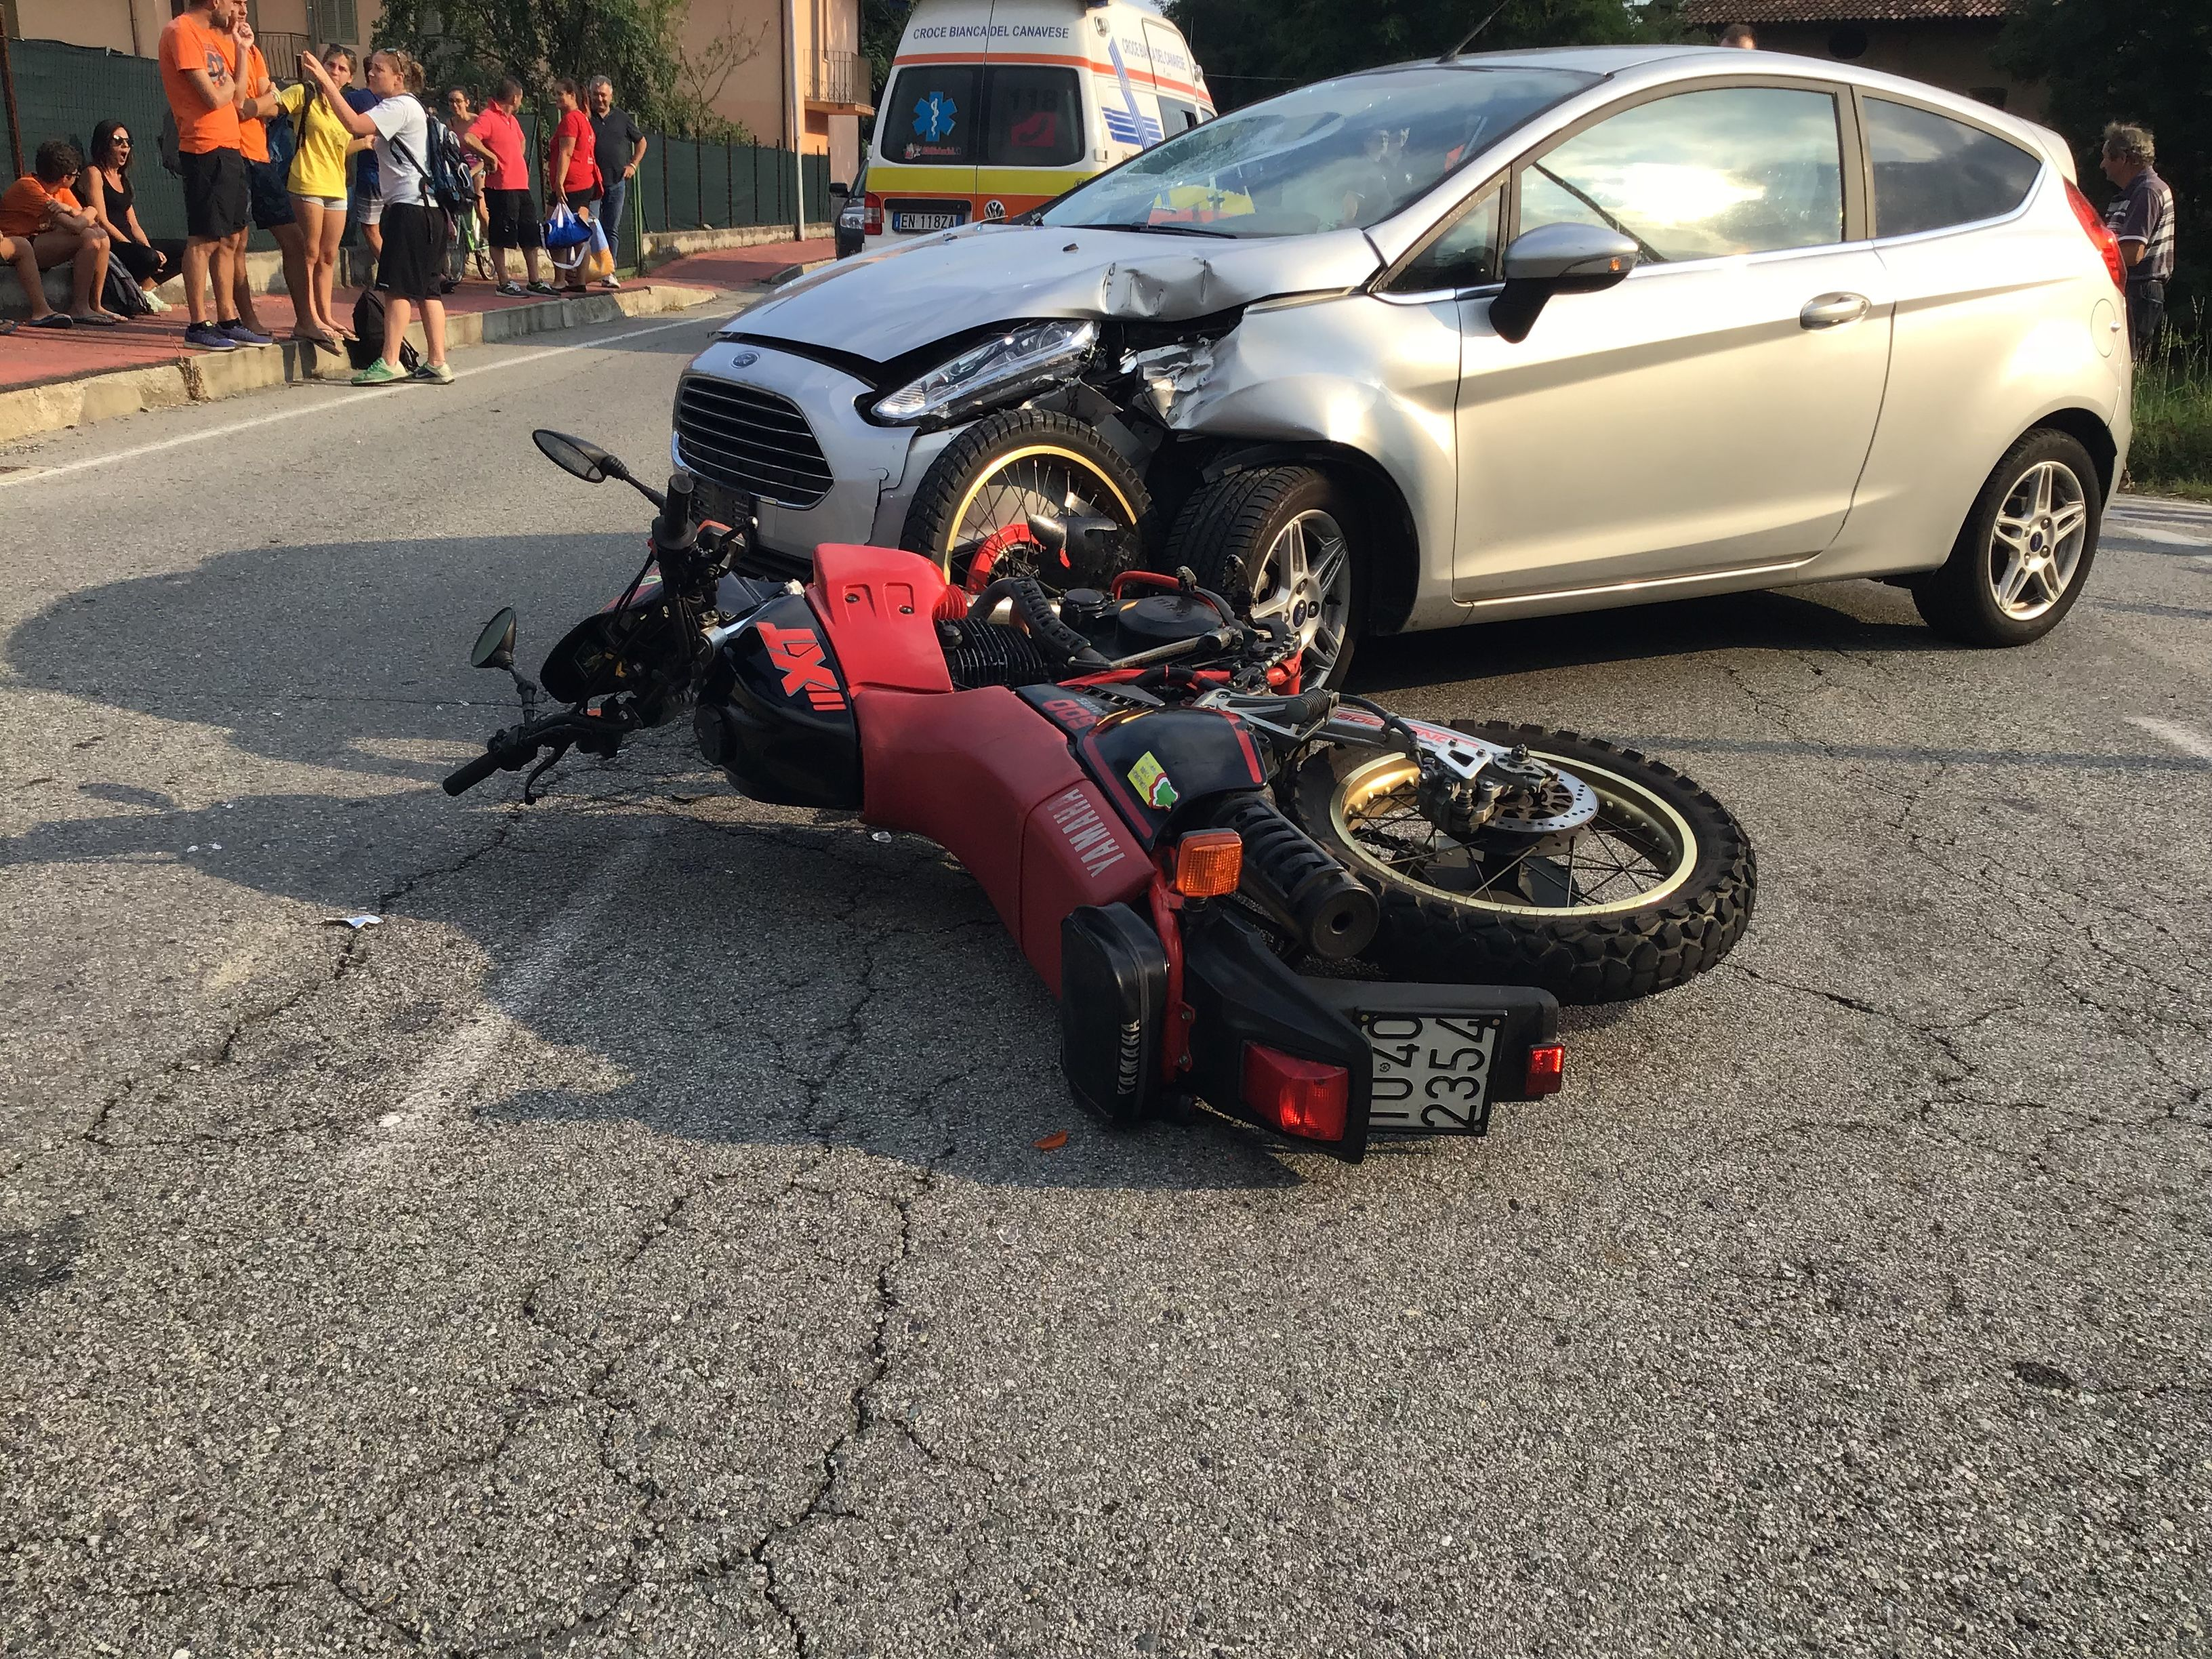 BUSANO - Un altro incidente auto contro moto: ferito centauro di Rivara - FOTO E VIDEO